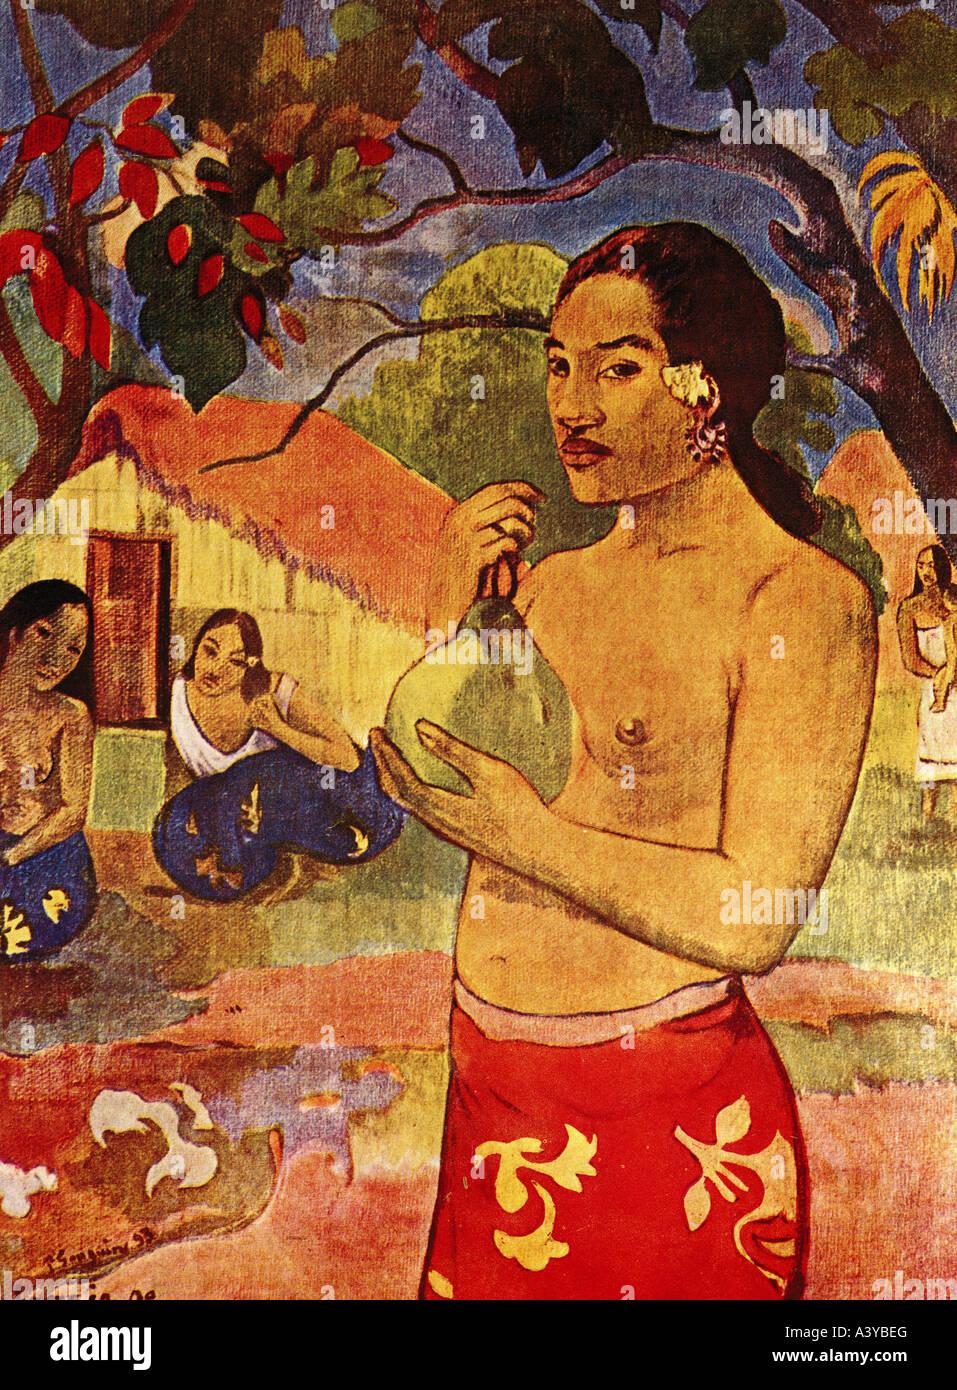 """""""Belle Arti, Gauguin, Paolo, (1848 - 1903), pittura, 'Tahiti donna con frutti"""", 1893, olio su tela, museo Puschkin, Foto Stock"""